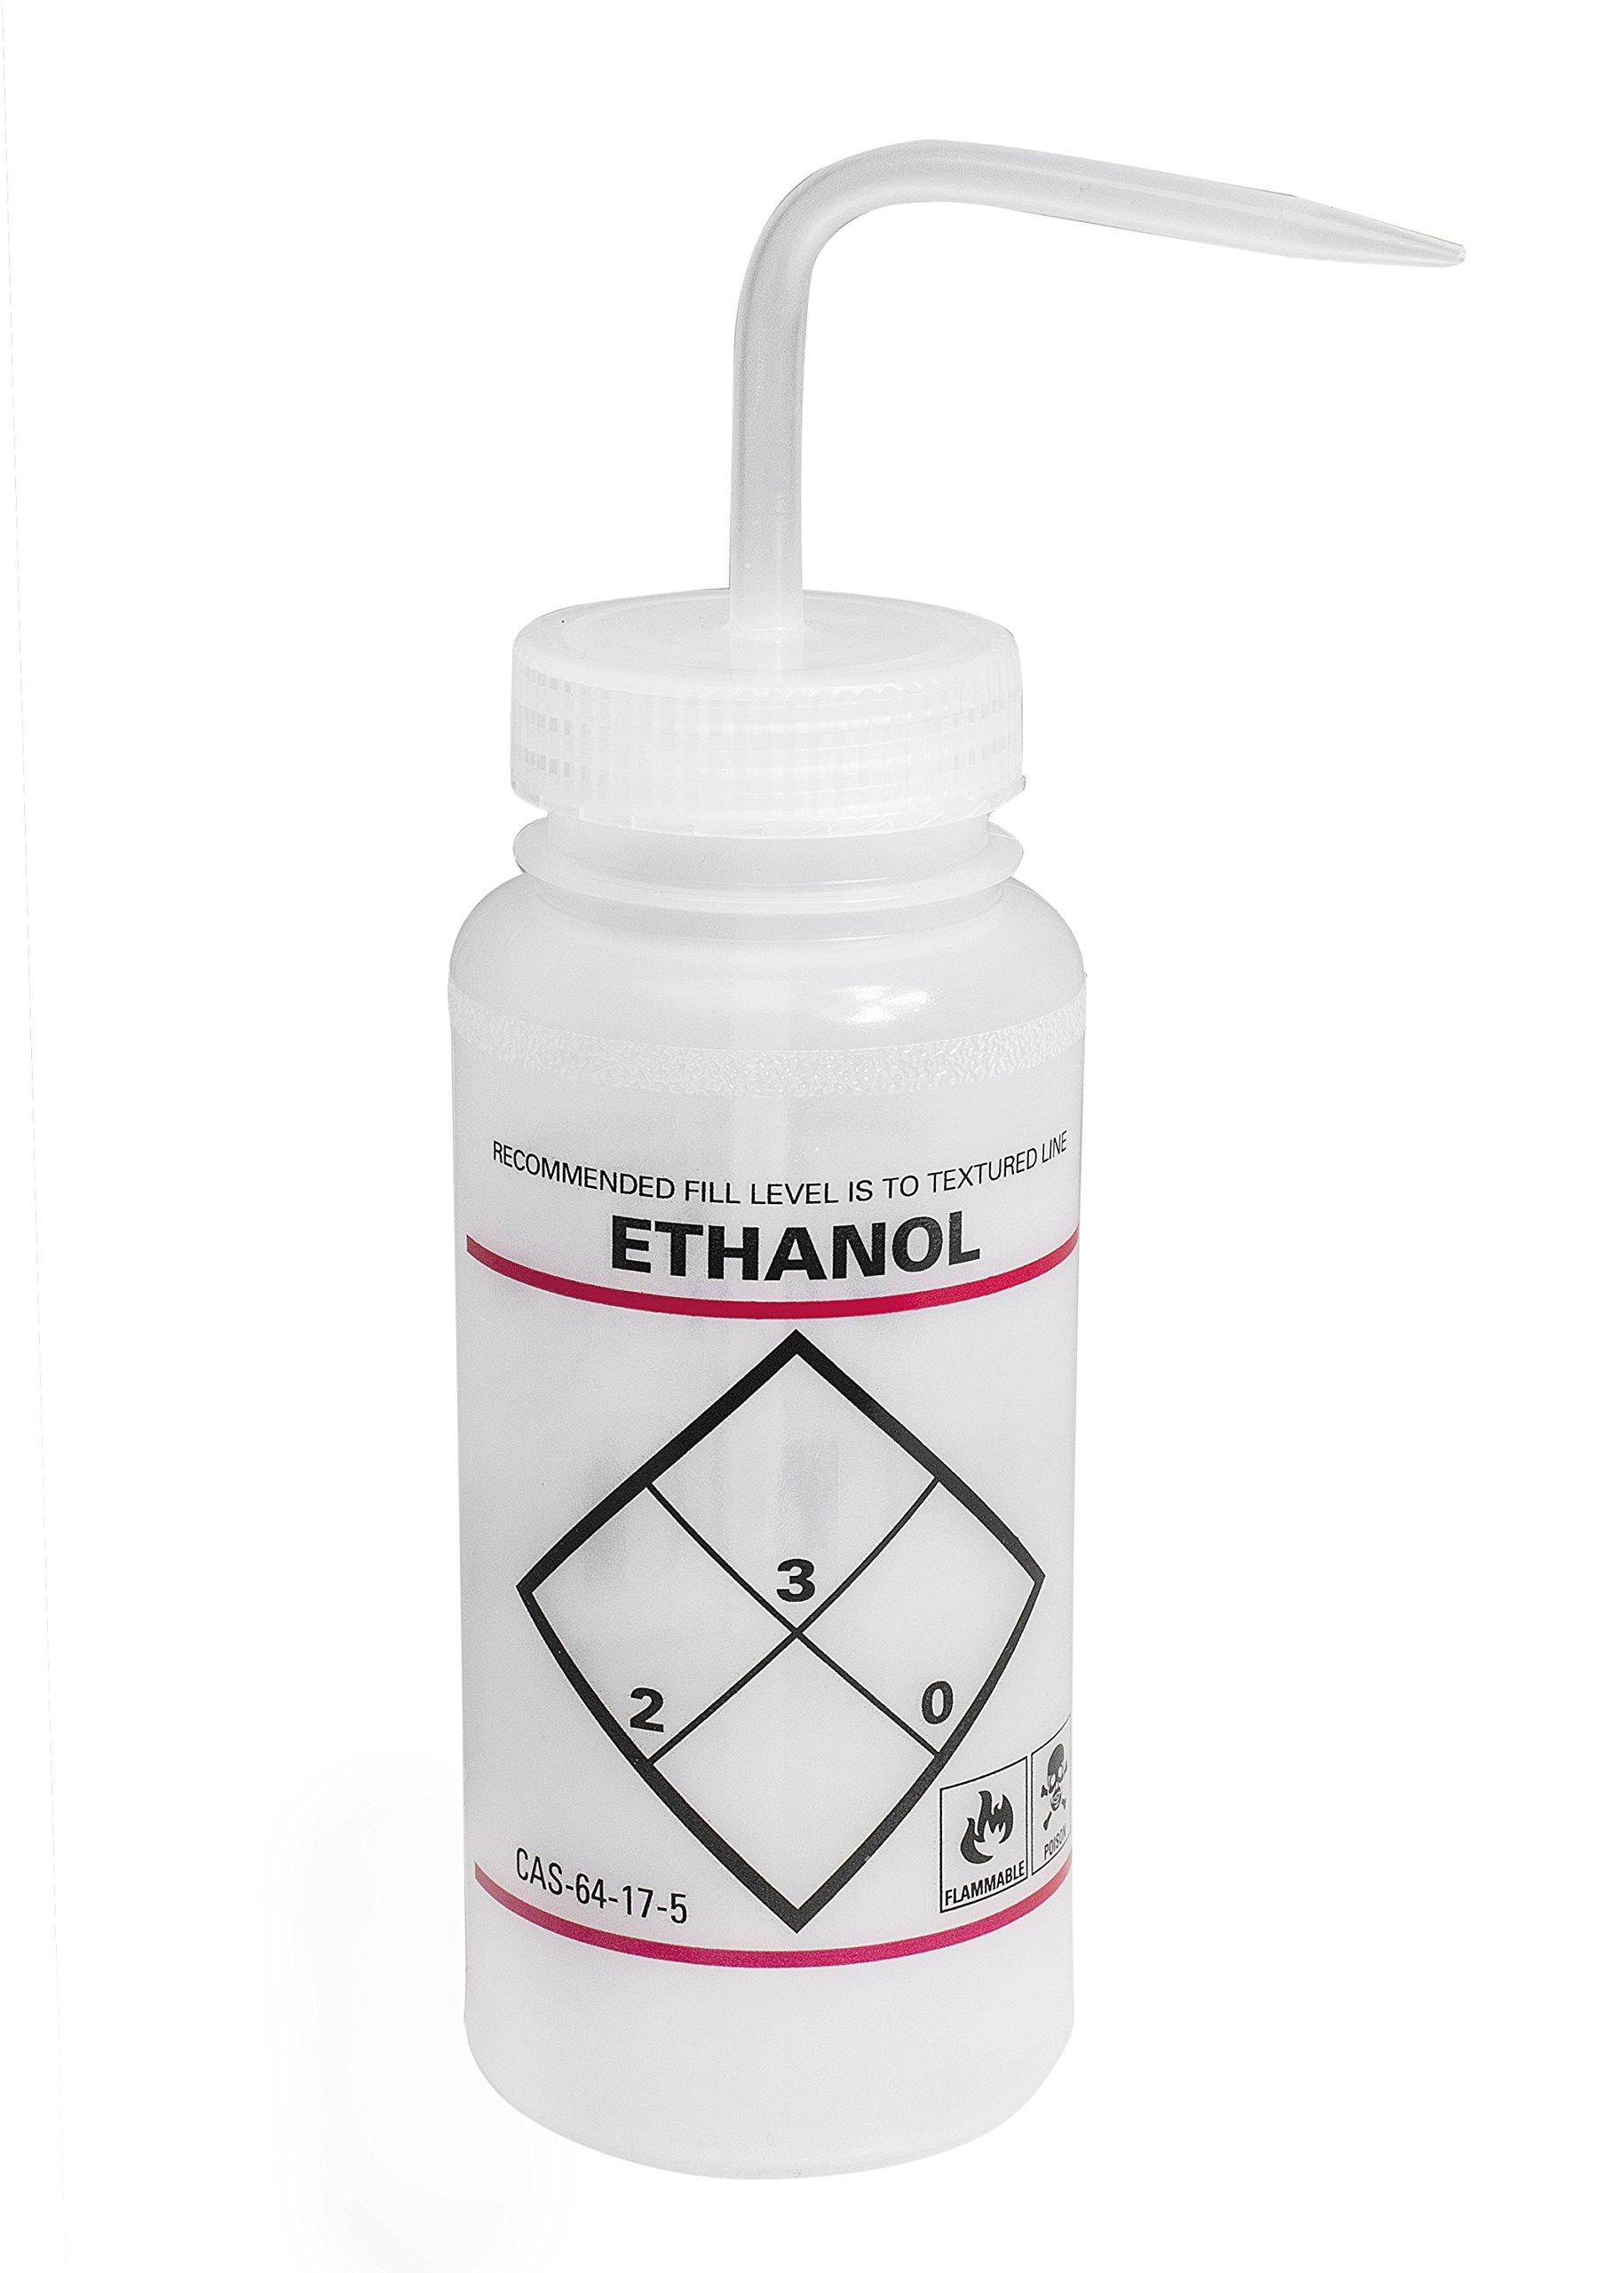 Bel-Art F11646-0639 Safety-Labeled 2-Color Ethanol Wide-Mouth Wash Bottles; 500ml (16oz), Polyethylene w/Natural Polypropylene Cap (Pack of 6)